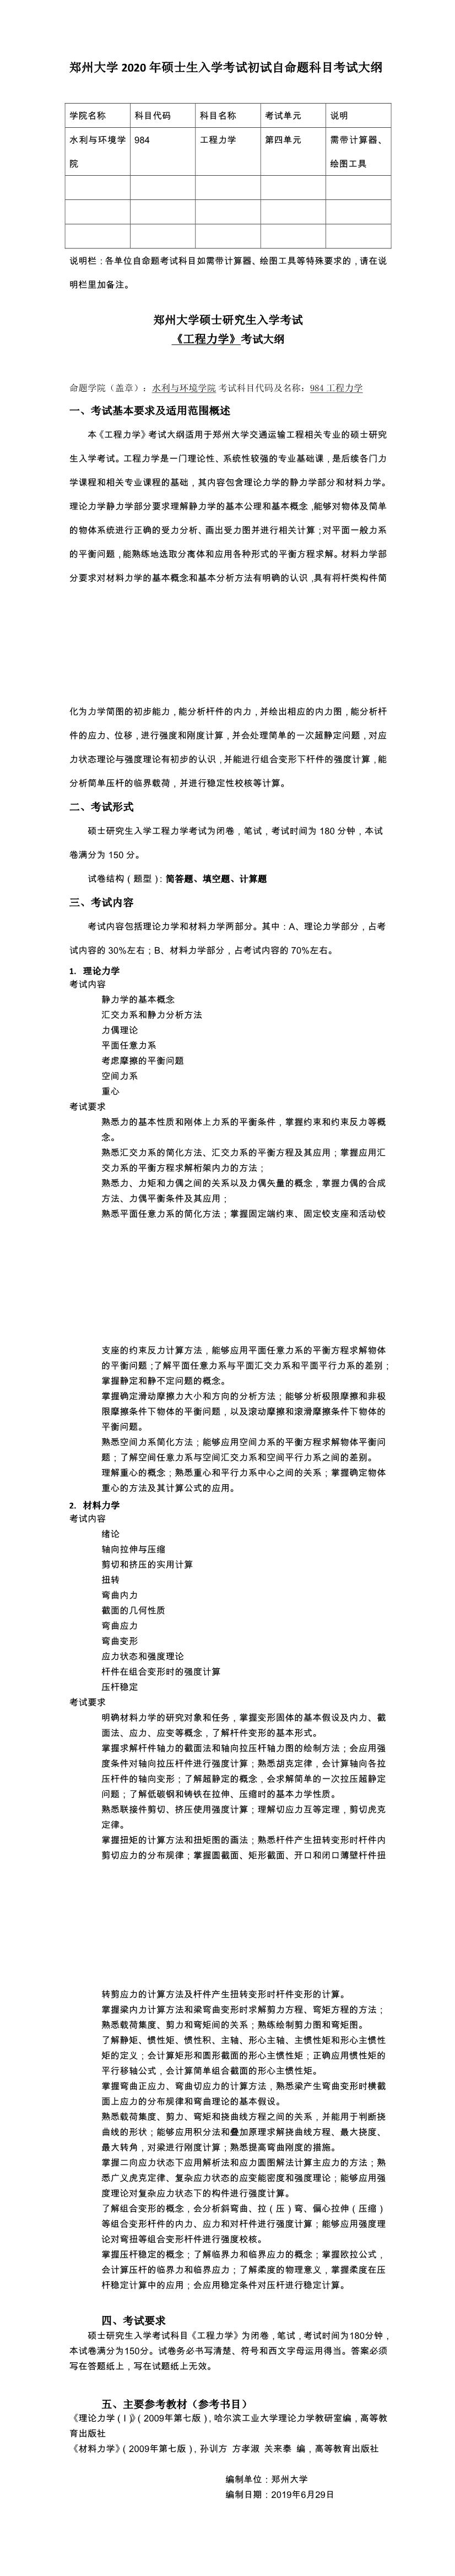 郑州大学2021工程力学考研大纲(预测)